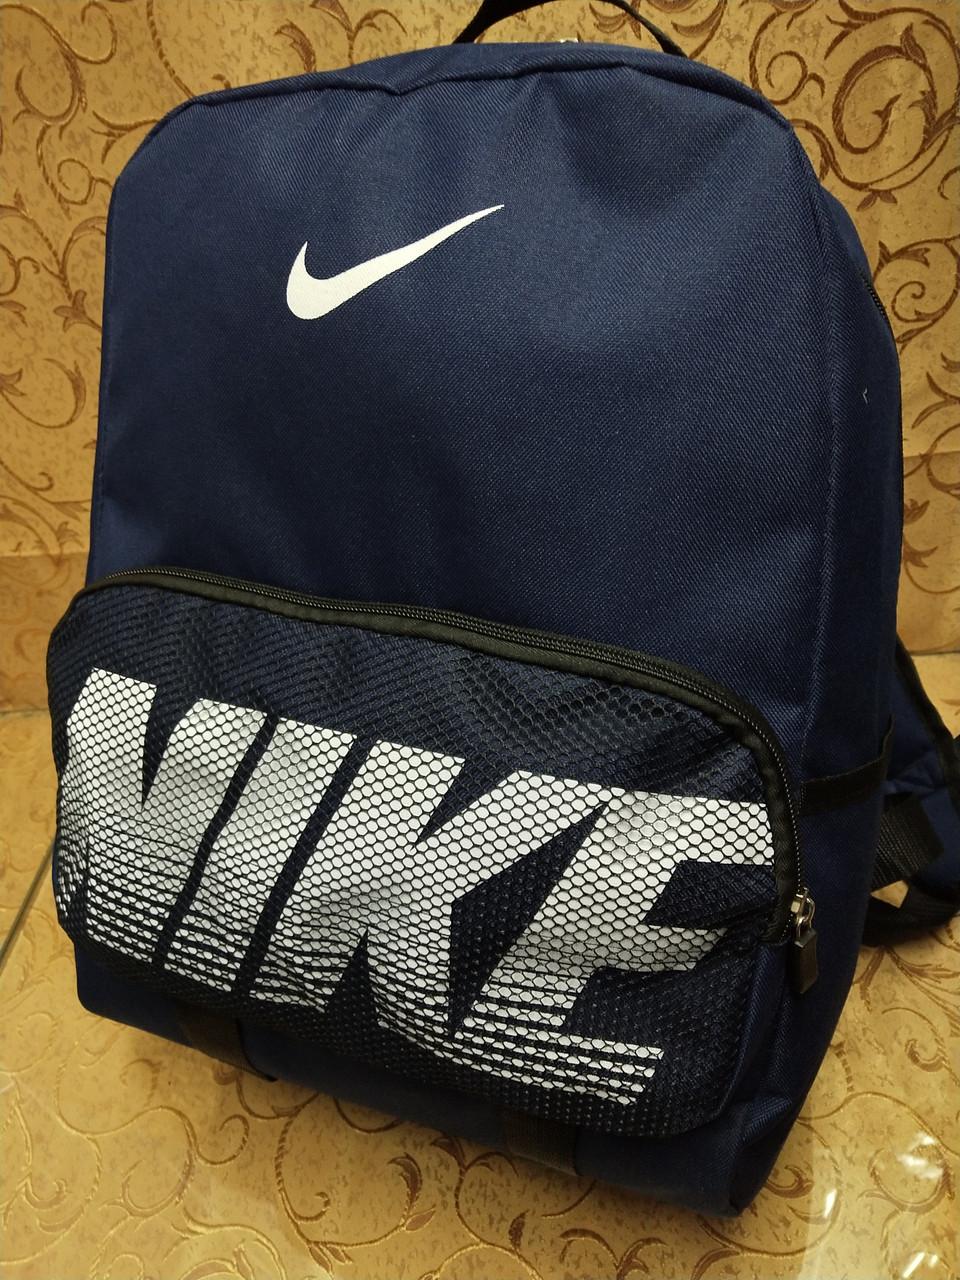 Рюкзак NIKE Хорошее качество нового стиля спортивный спорт городской стильный рюкзак только оптом